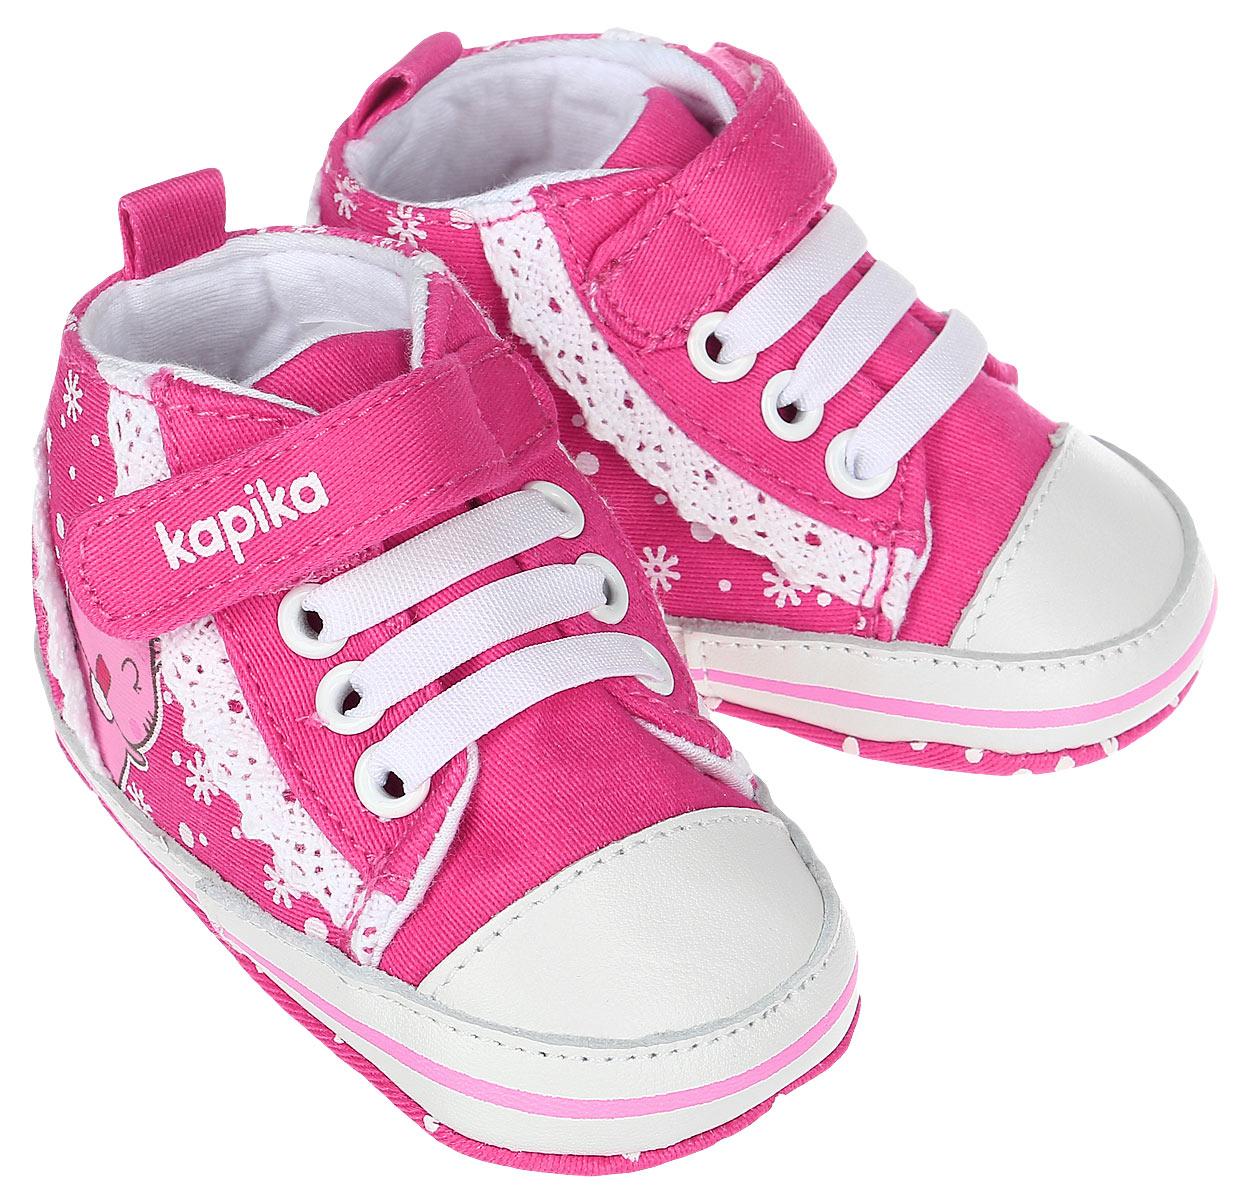 Пинетки10120Стильные и модные пинетки для девочки Kapika великолепно дополнят наряд маленькой модницы. В них ваша малышка будет чувствовать себя комфортно и непринужденно. Пинетки выполнены из хлопка, оформленного принтом, с элементами из натуральной кожи. Модель на шнуровке, дополнена застежкой-липучкой, что надежно фиксирует пинетки на ножке ребенка и позволяет регулировать их объем. Пинетки декорированы кружевными оборками. Милые, нежные и удобные детские пинетки станут любимой обувью маленькой принцессы.